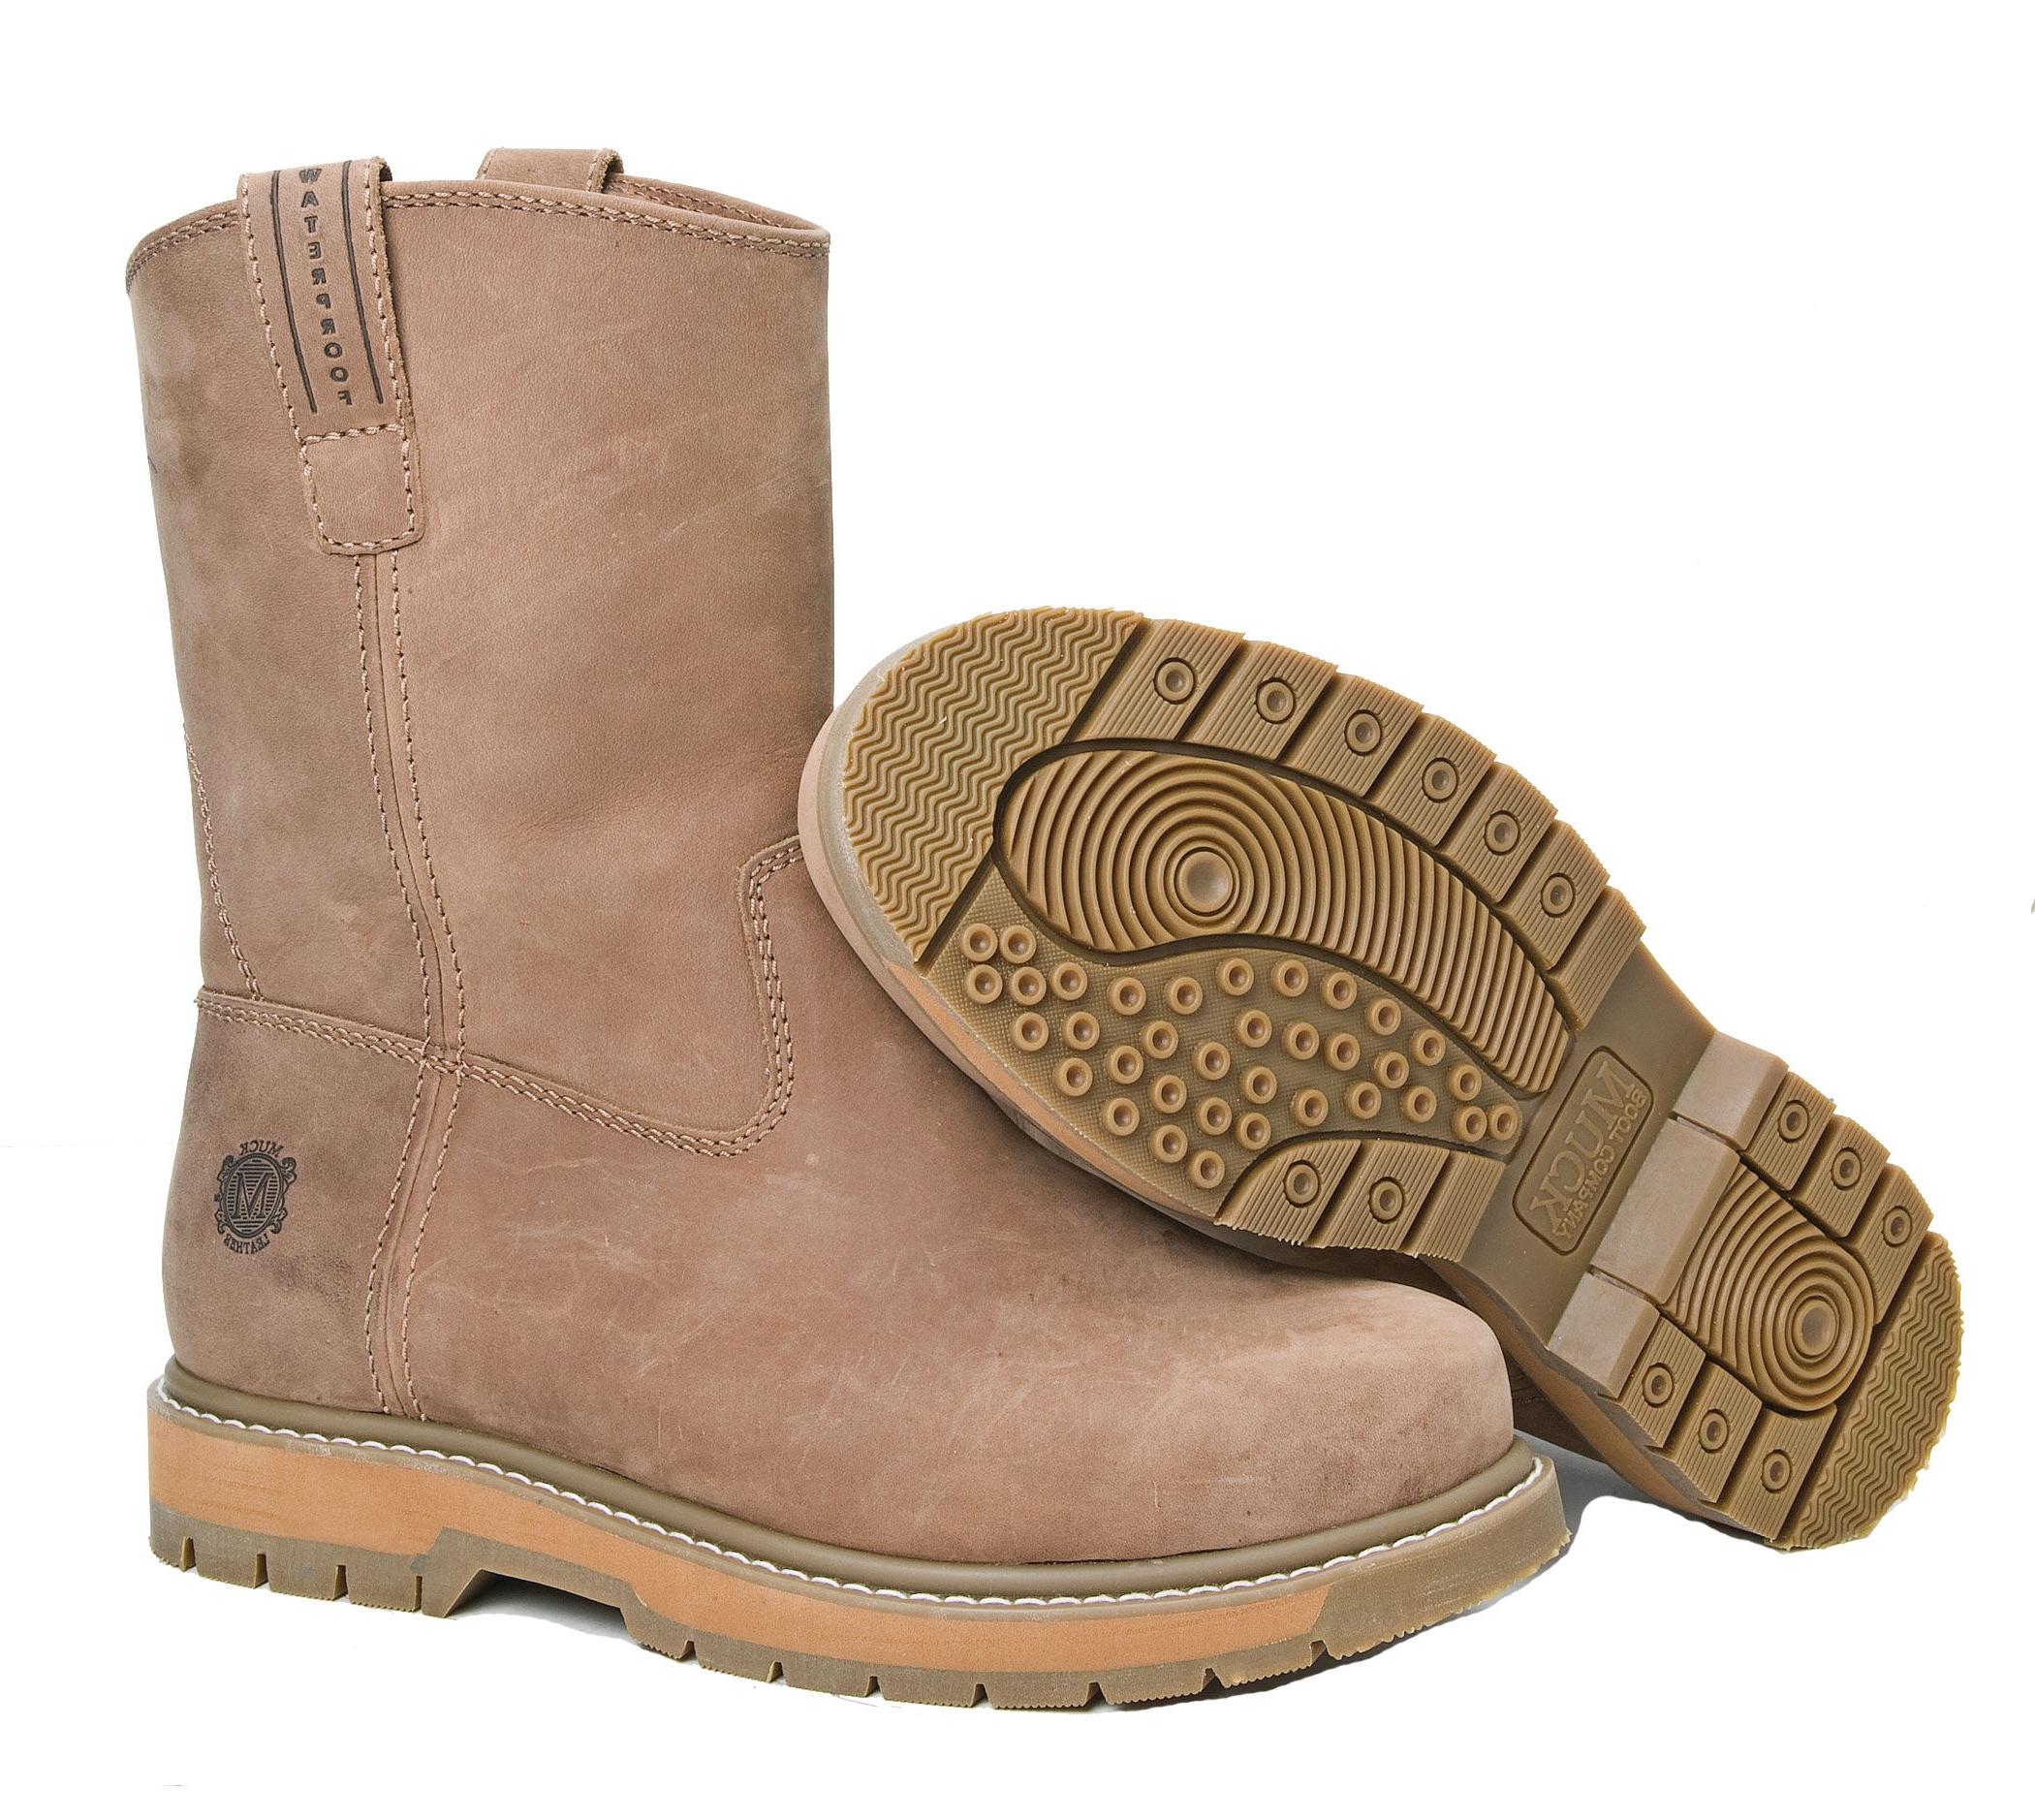 Muck Boots Men's Wellie Composite Toe